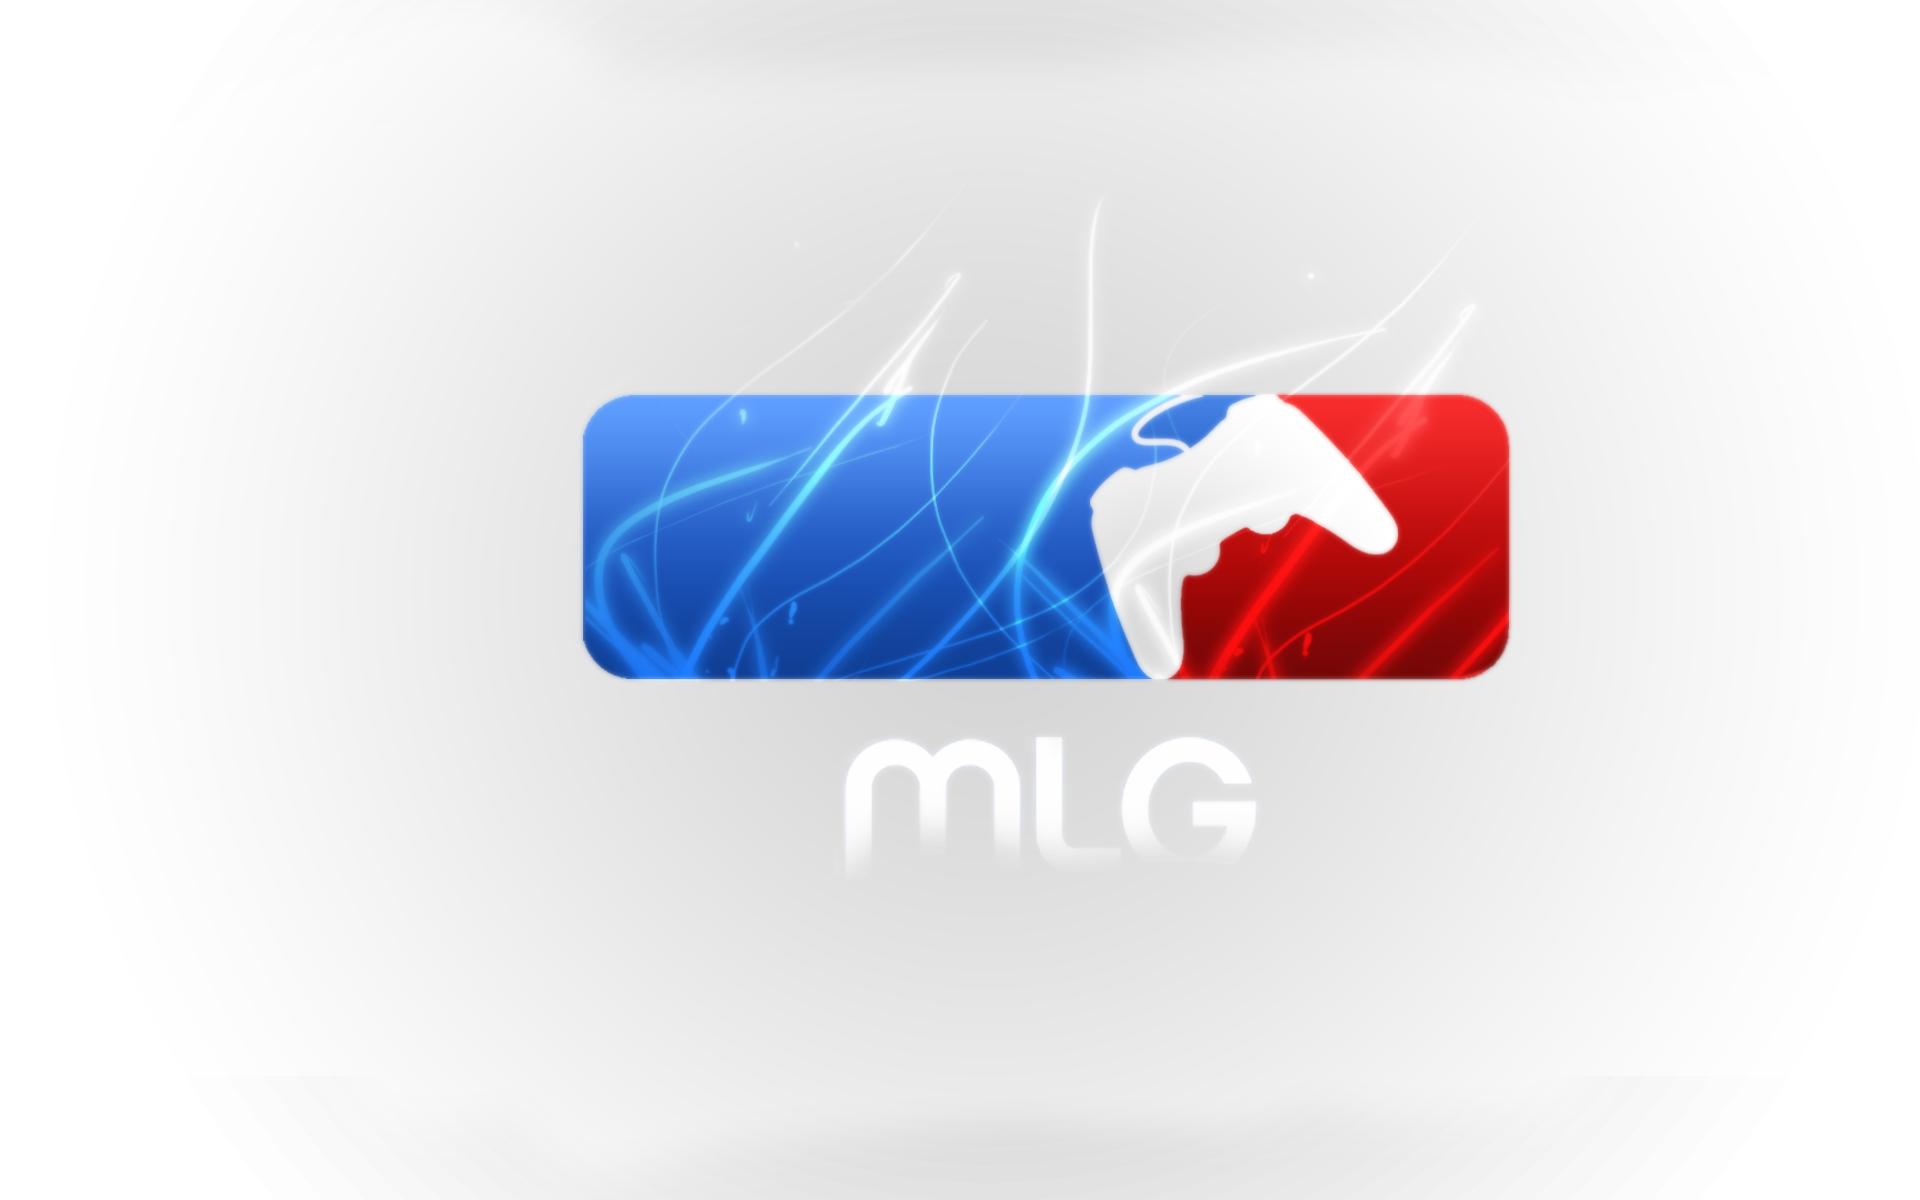 mlg logo transparent wwwpixsharkcom images galleries